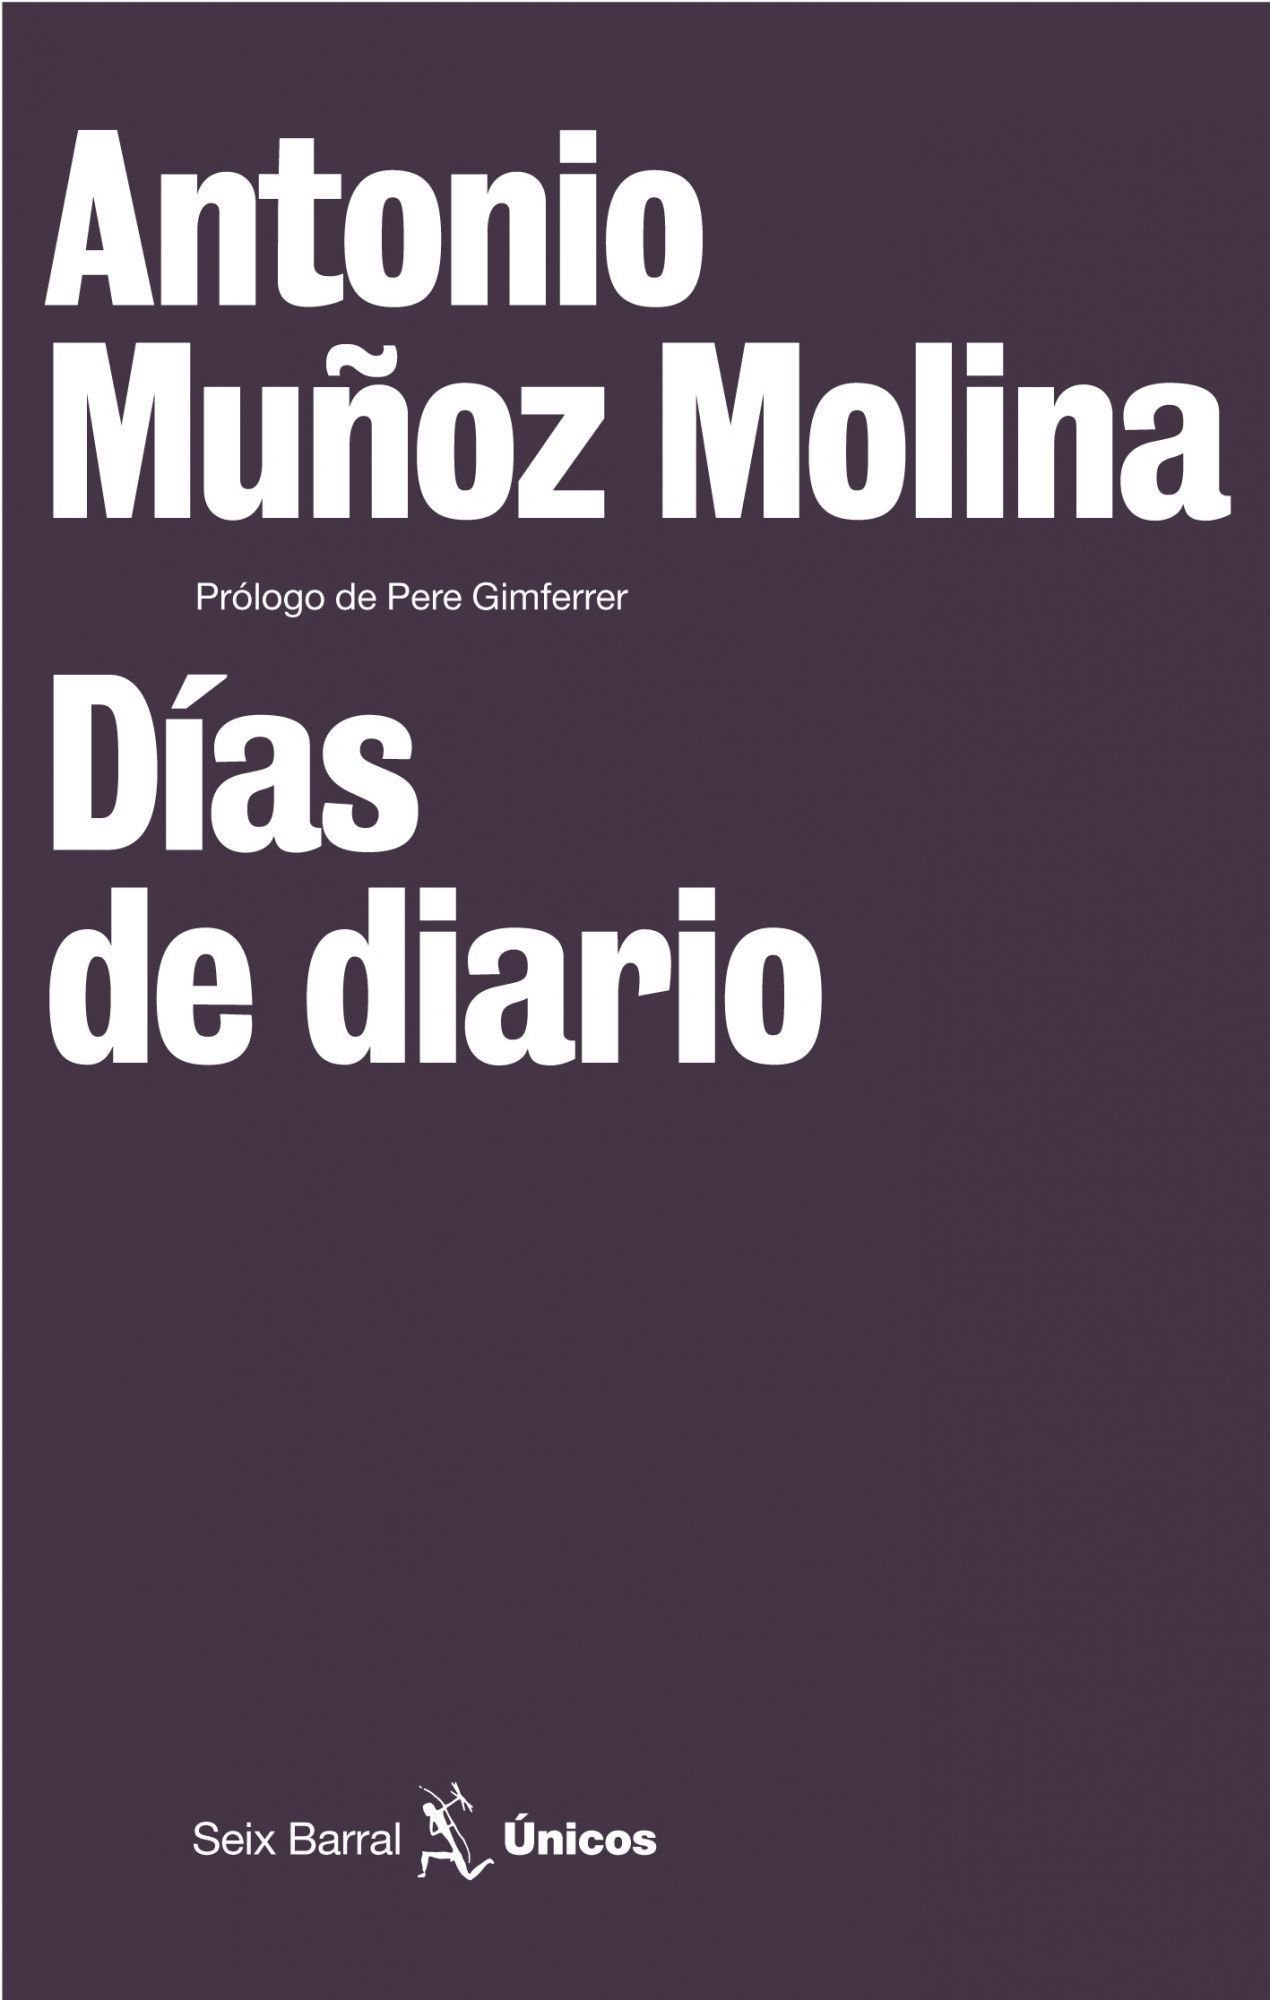 Días de diario (Únicos): Amazon.es: Muñoz Molina, Antonio: Libros